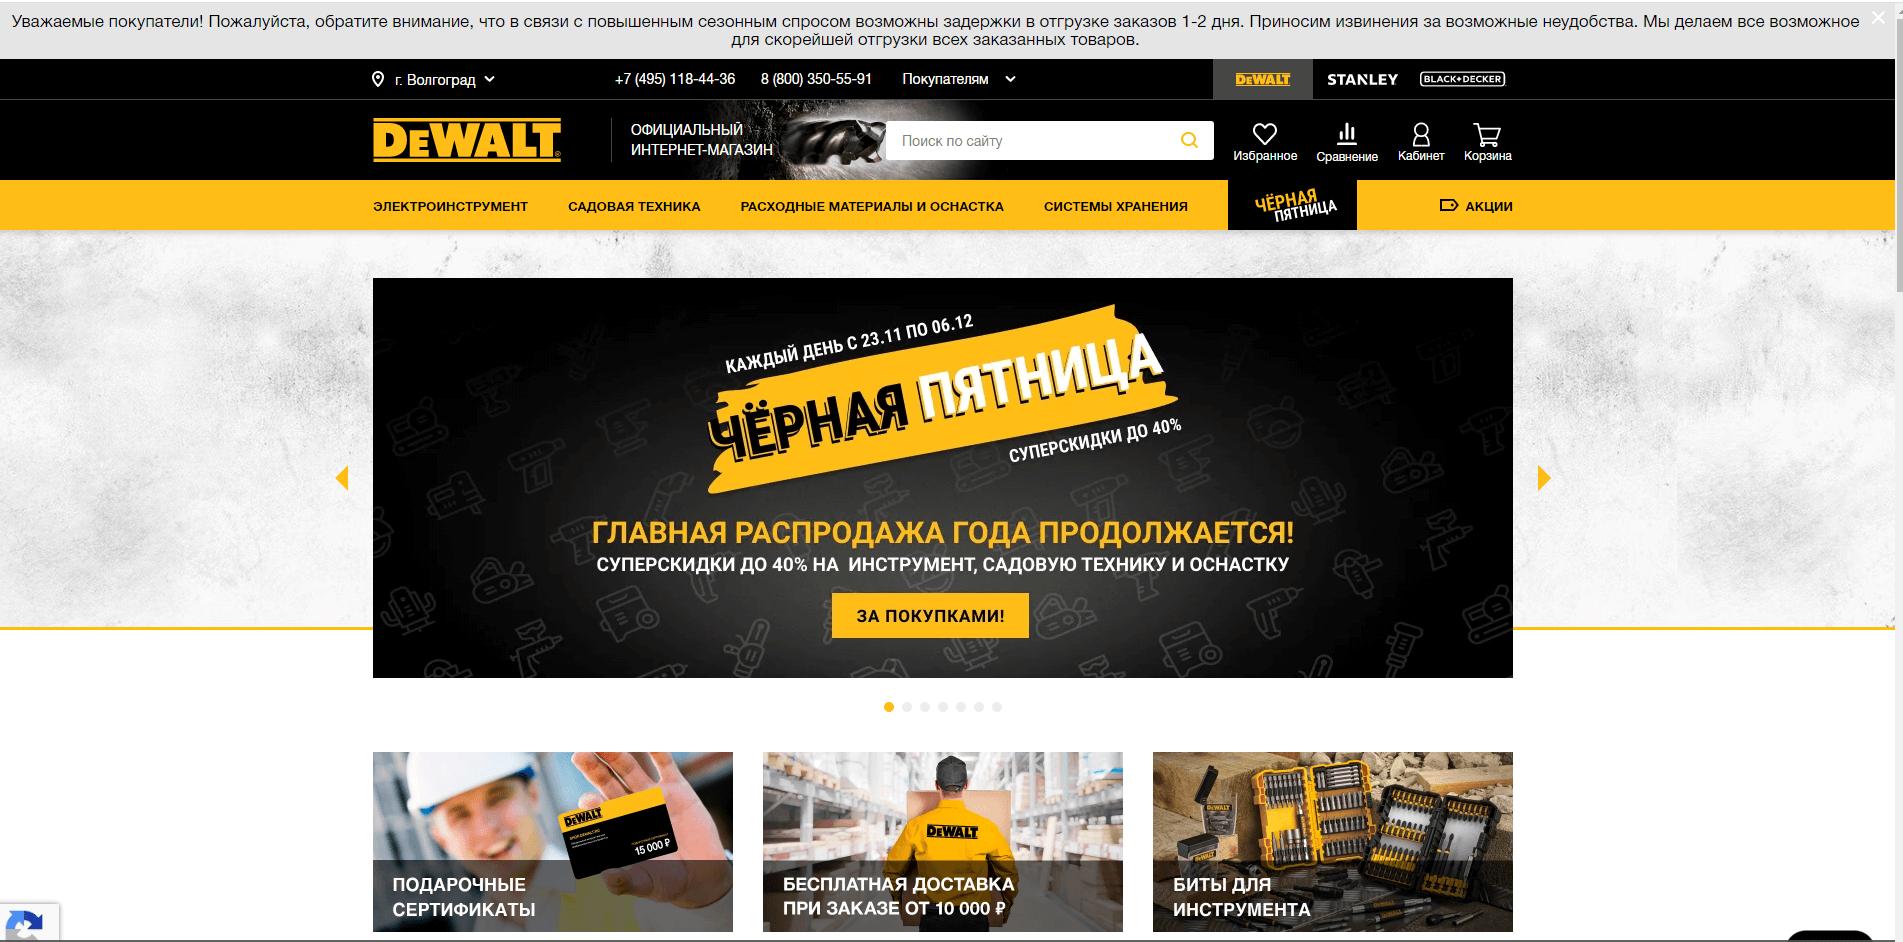 shop.dewalt.ru website